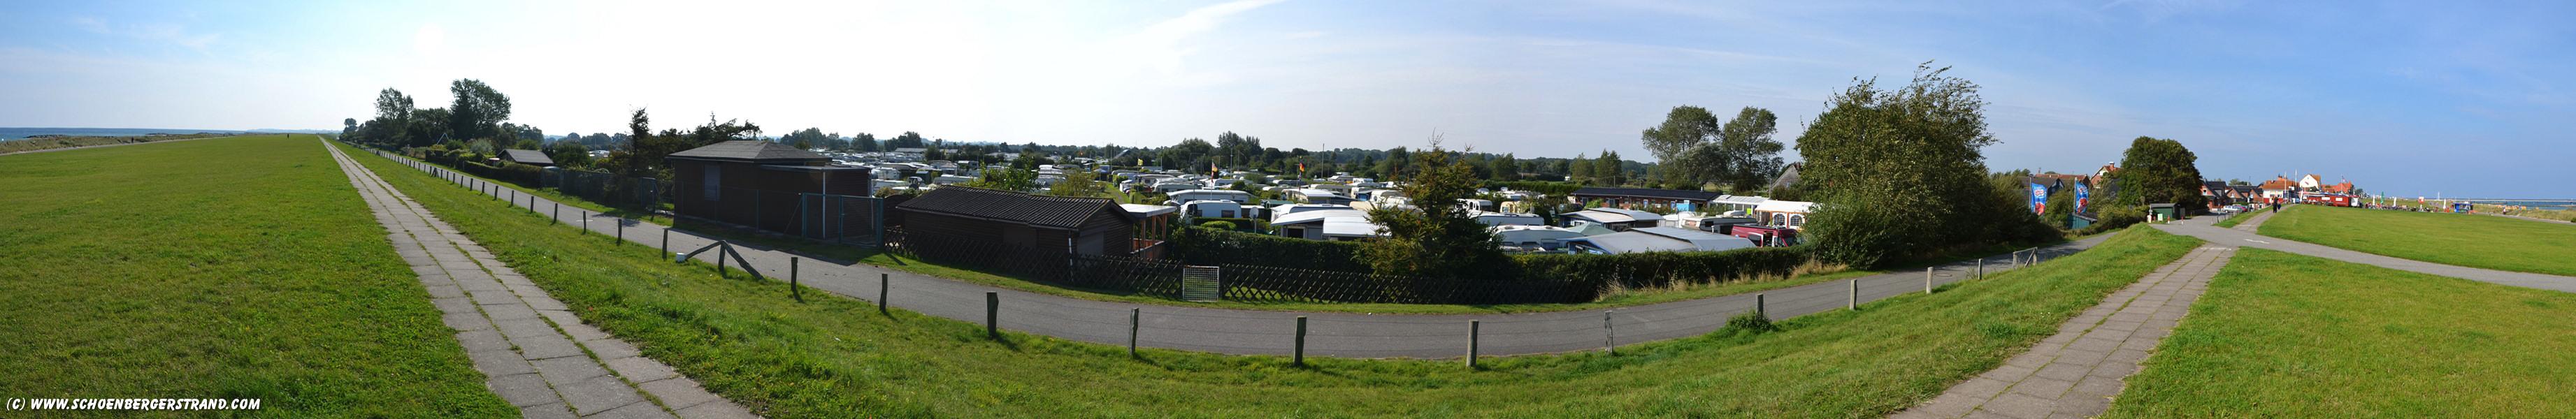 Campingplatz Grasbleek Schönberger Strand